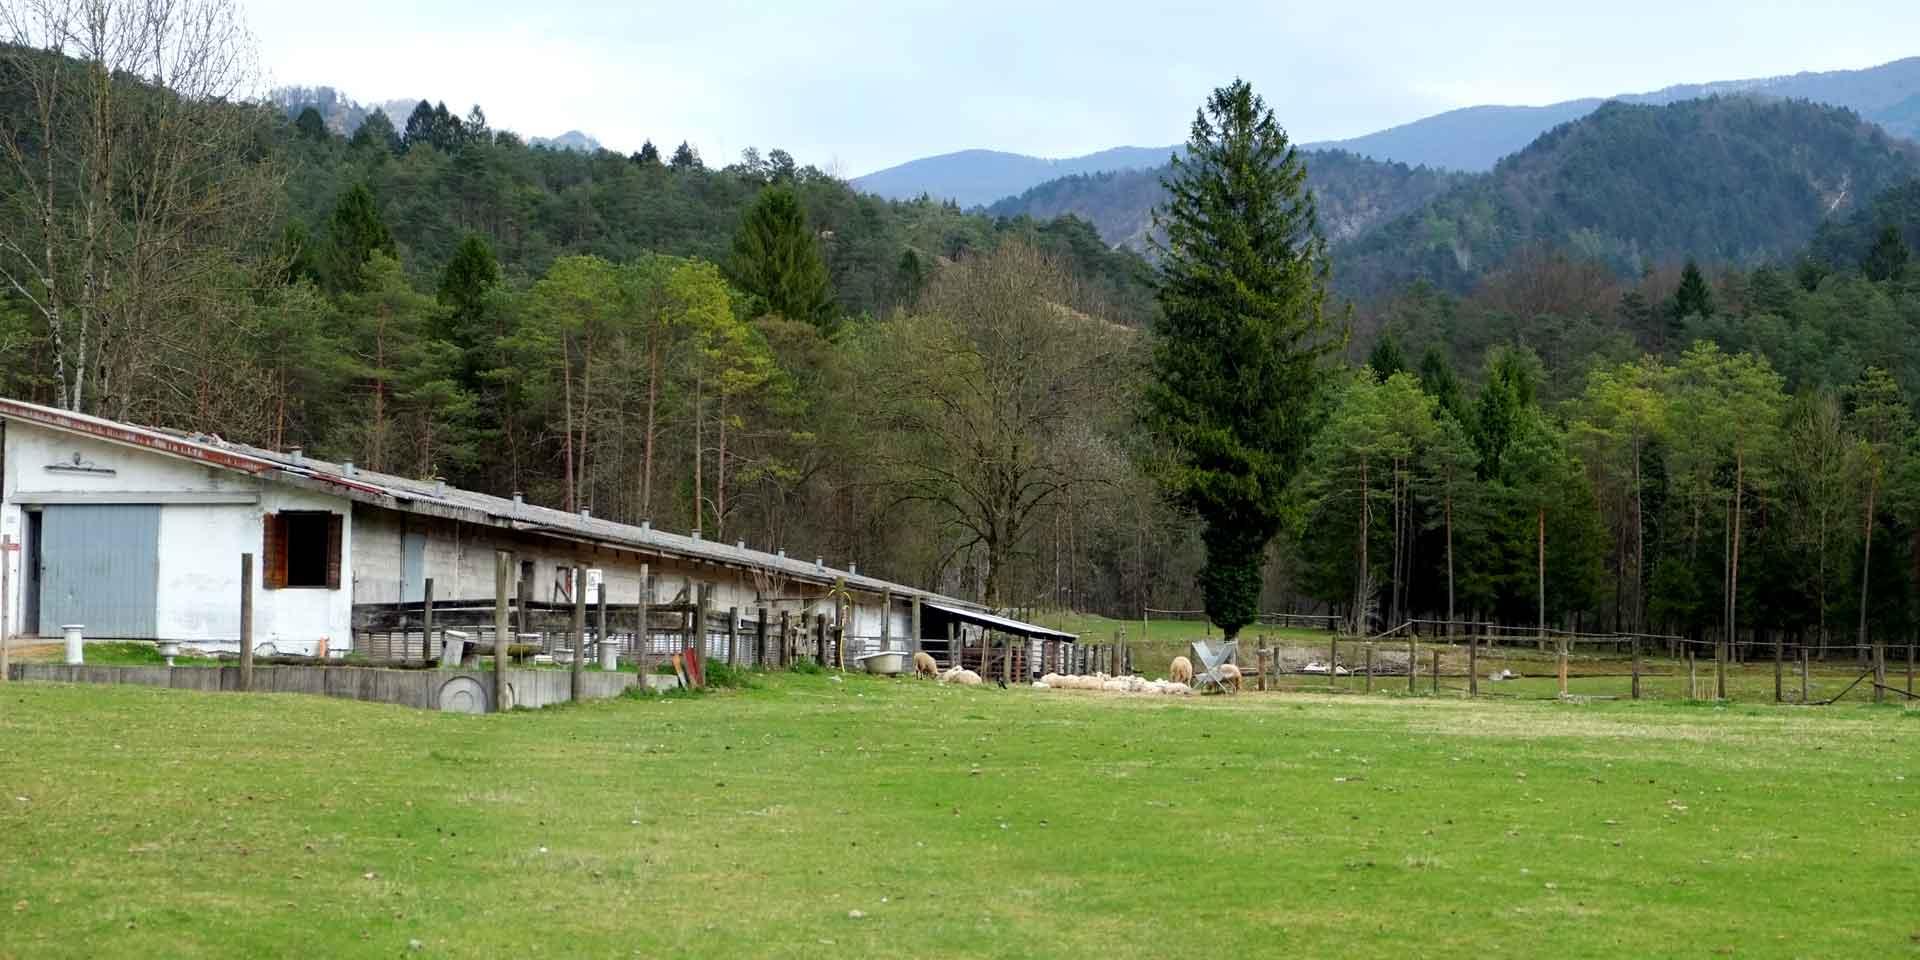 Fattoria di Sottosopra parte del Consorzio Valli e Dolomiti friulane